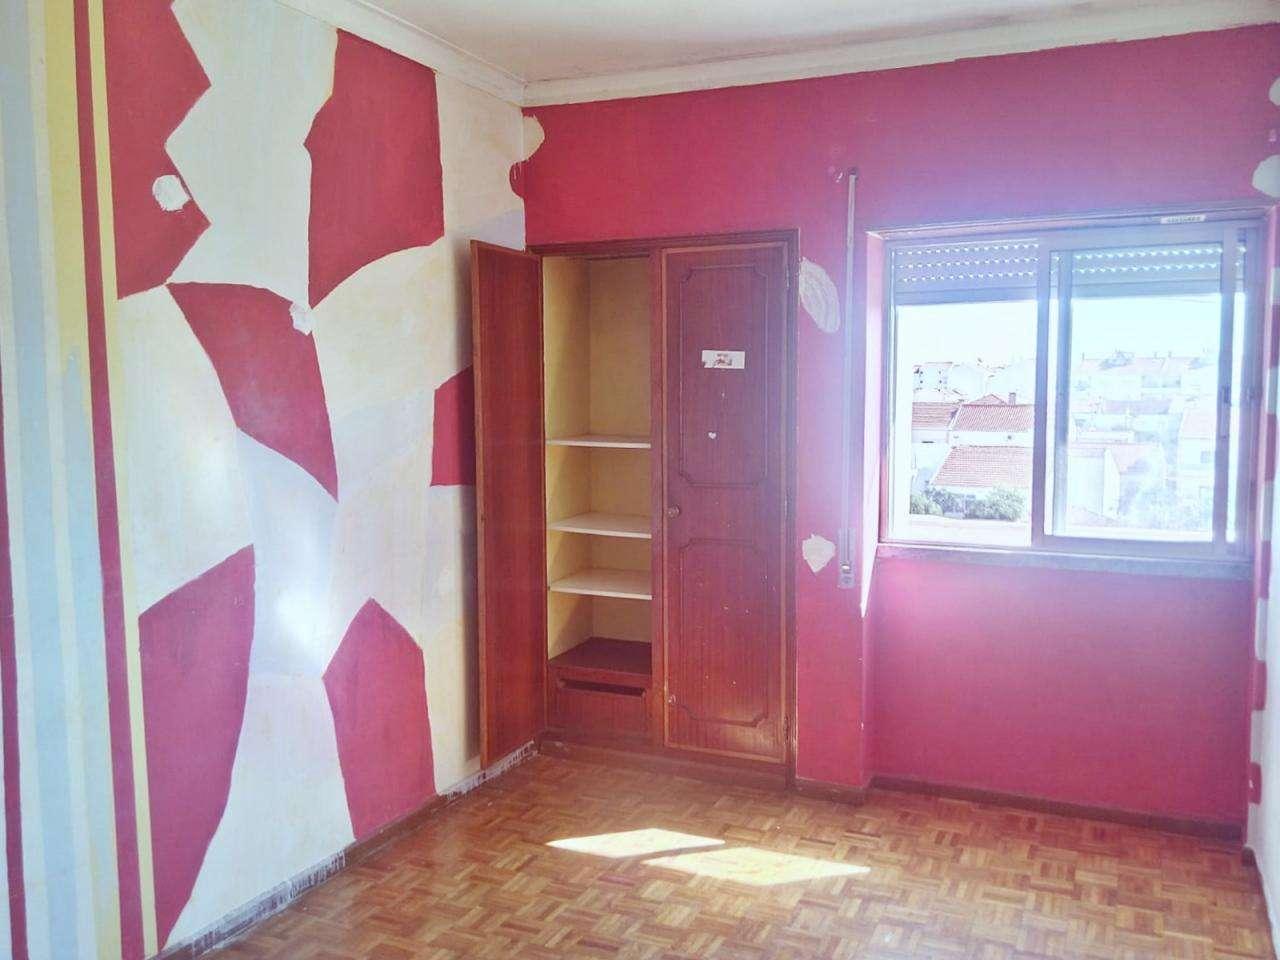 Apartamento para comprar, Pinhal Novo, Setúbal - Foto 8